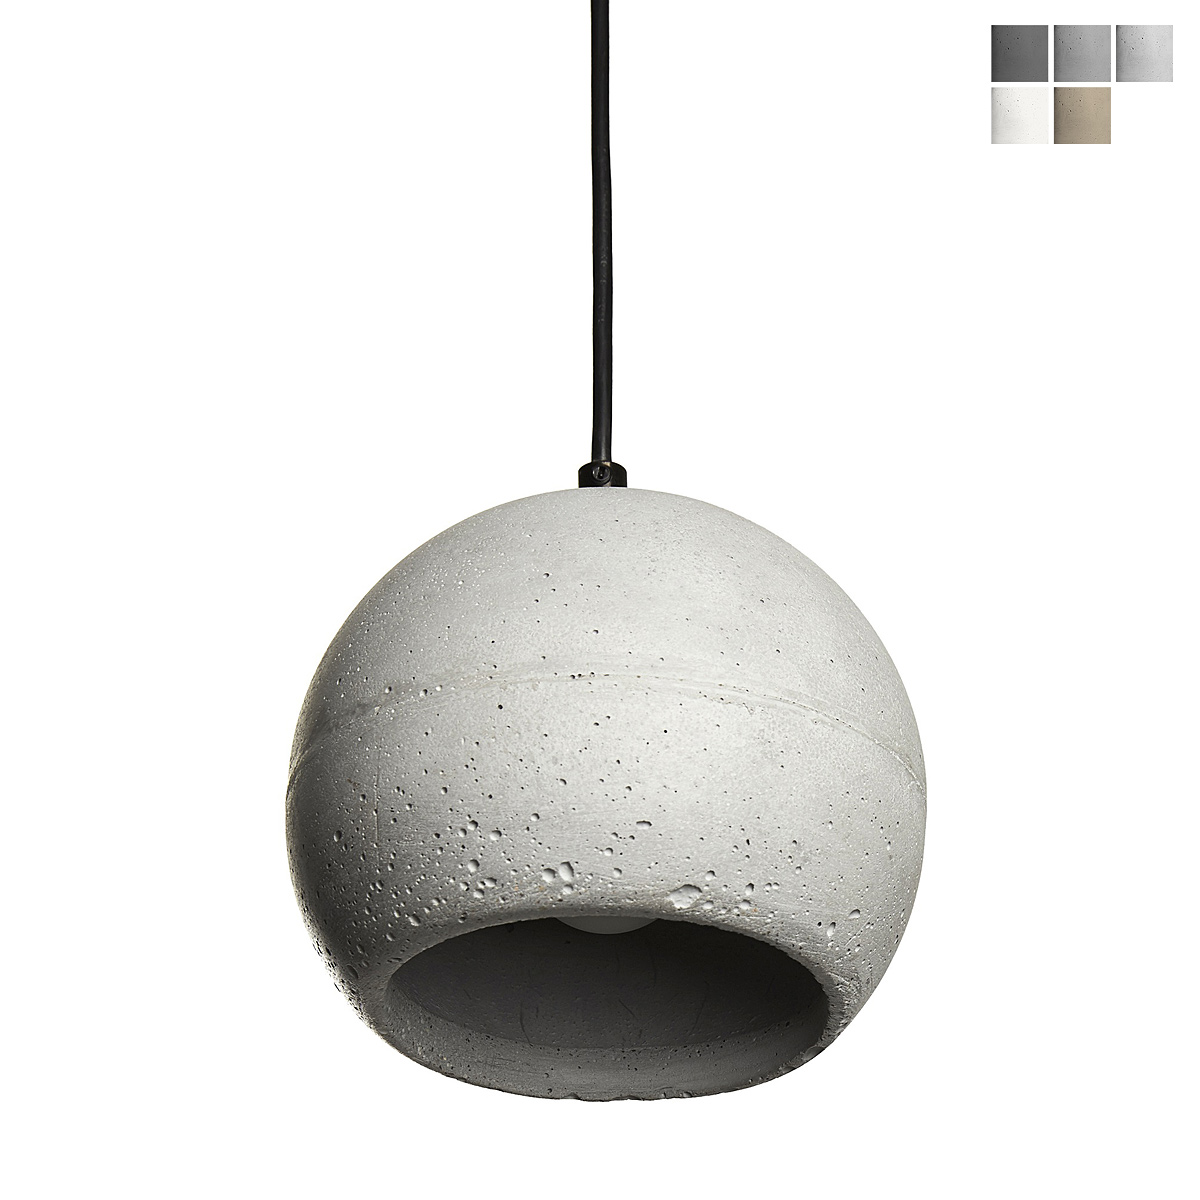 hngeleuchte kugel finest leuchte kristall kugel lampe hngeleuchte kronleuch with hngeleuchte. Black Bedroom Furniture Sets. Home Design Ideas